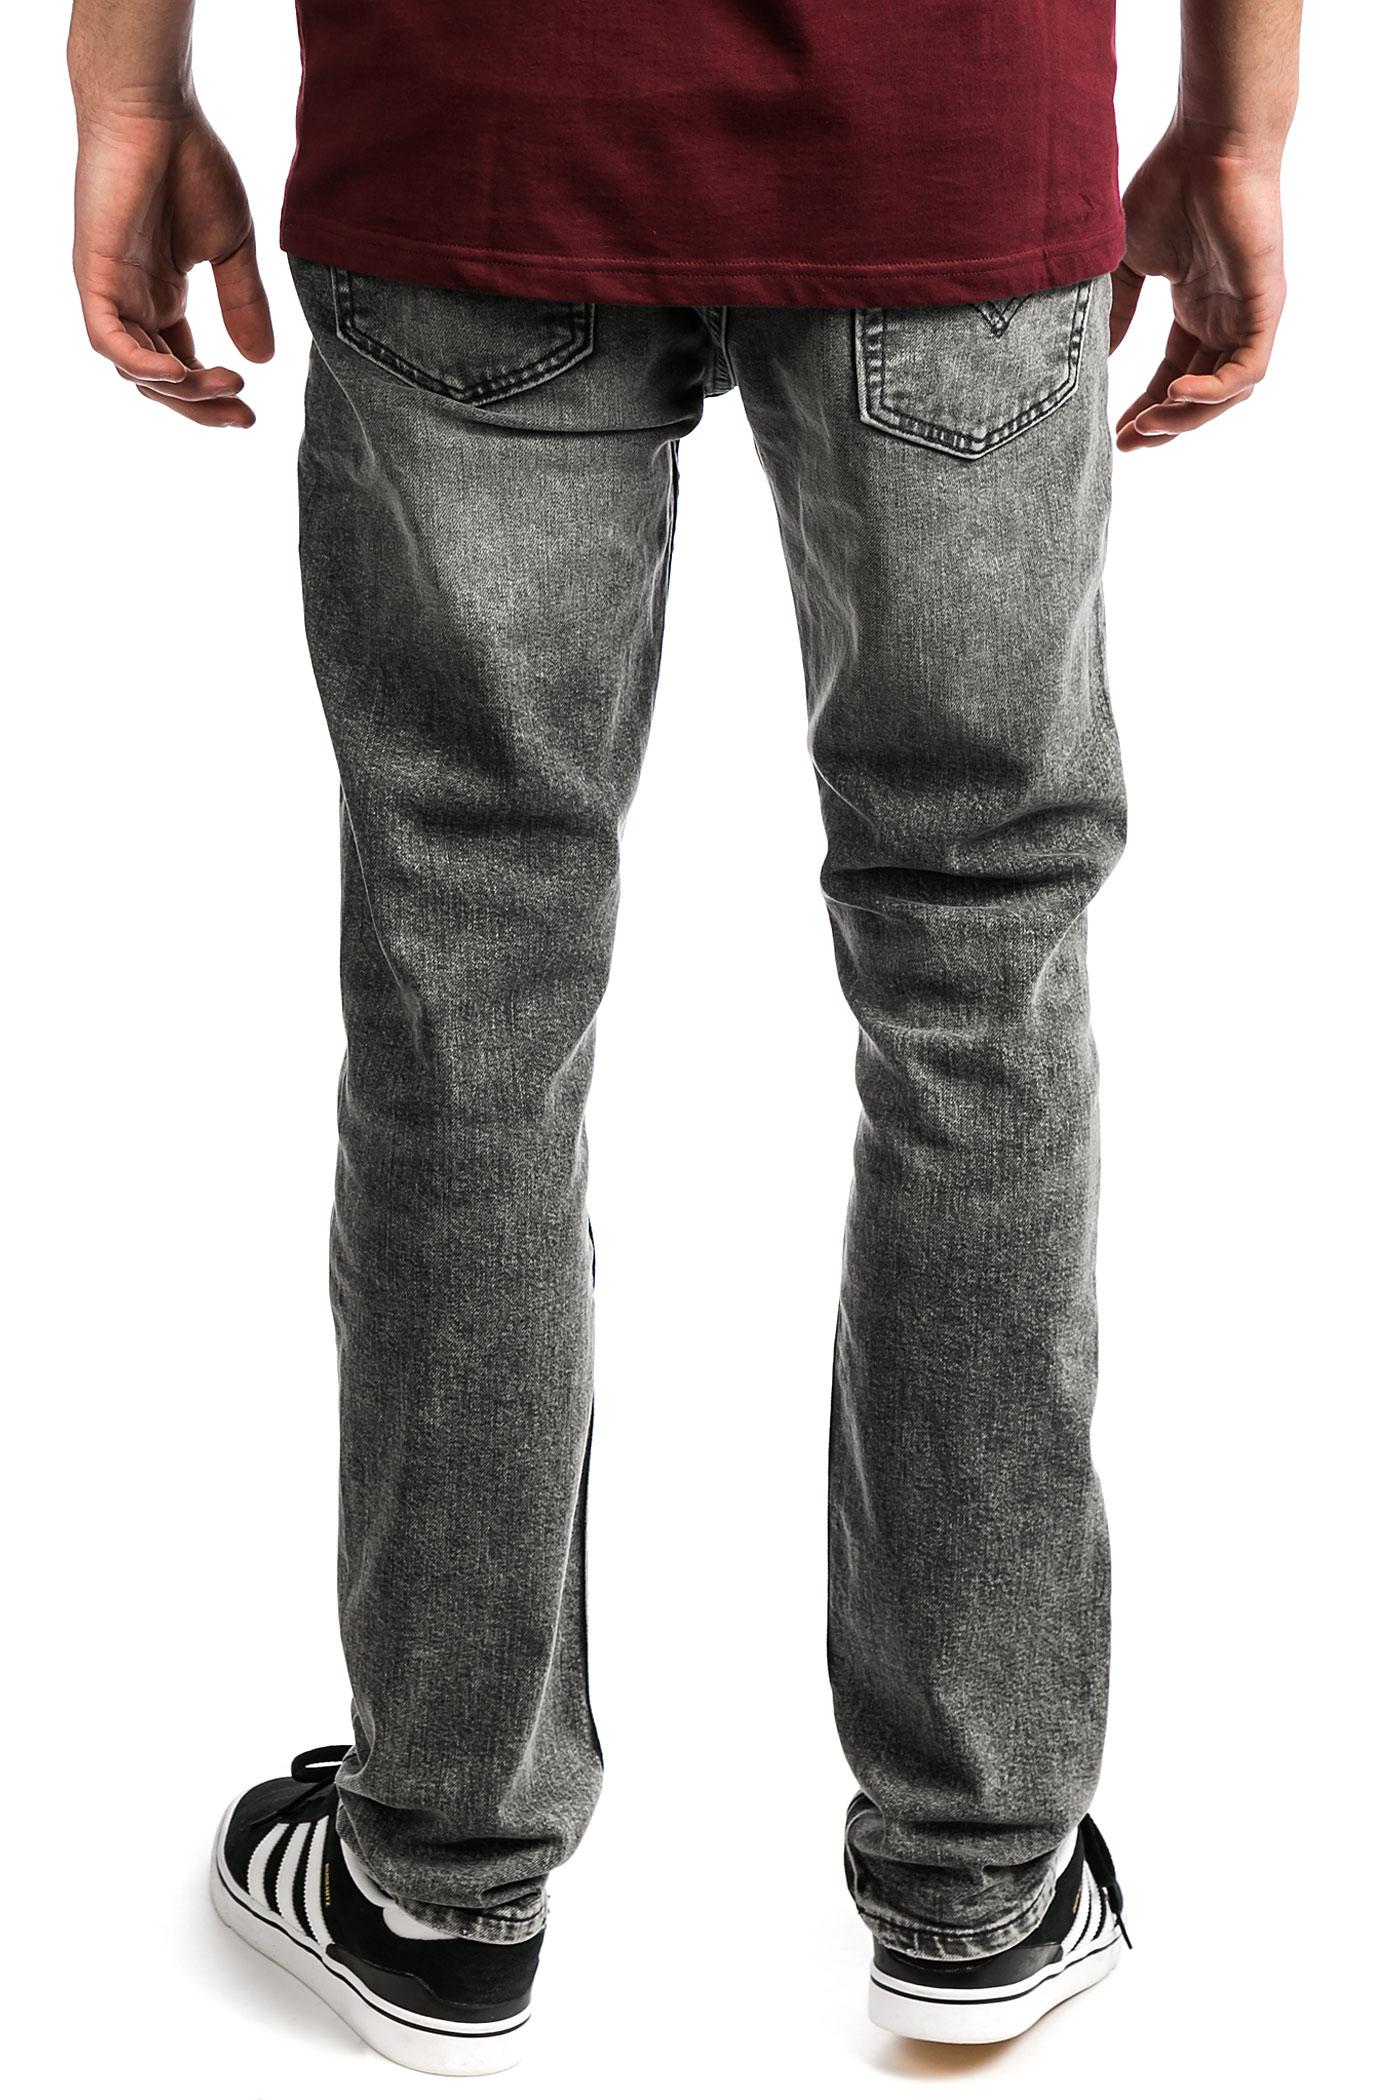 Jeanslomita Slim Levi's 511 Levi's Slim Skate Levi's Skate Jeanslomita 511 ZNn8XP0wOk